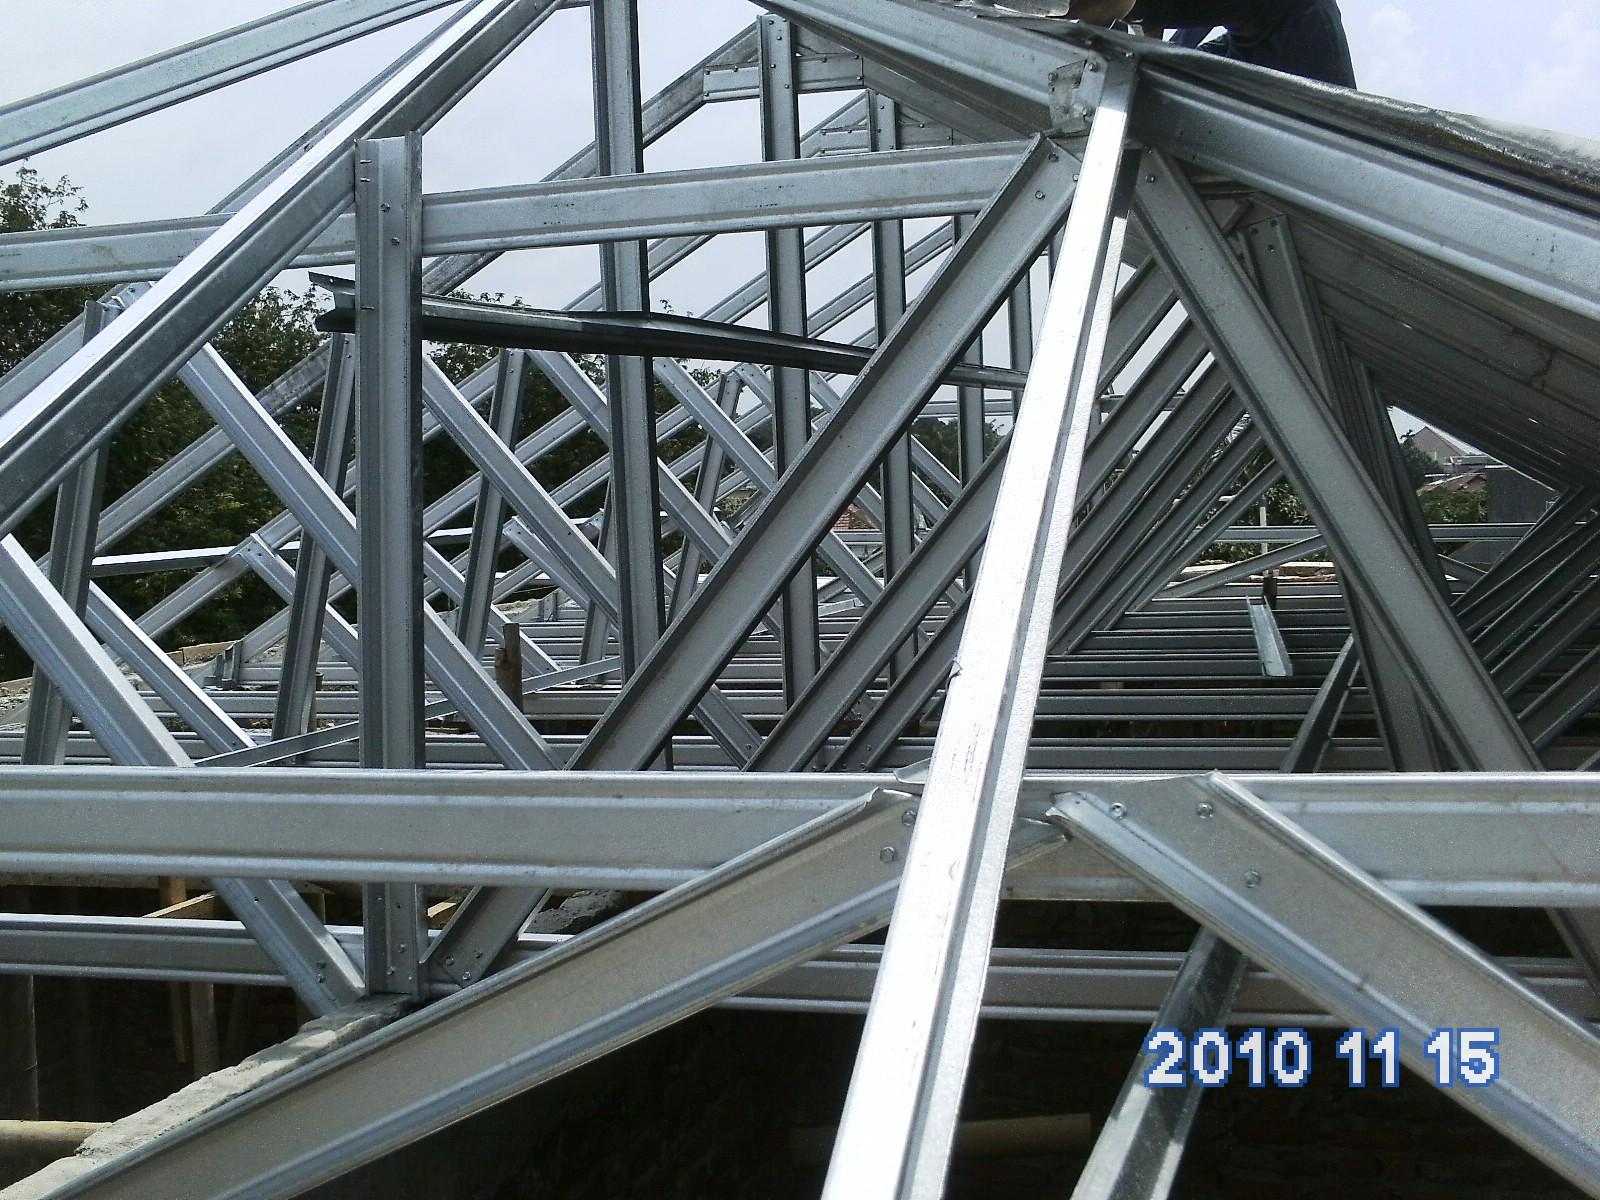 dimensi truss baja ringan rangka atap   rifautama